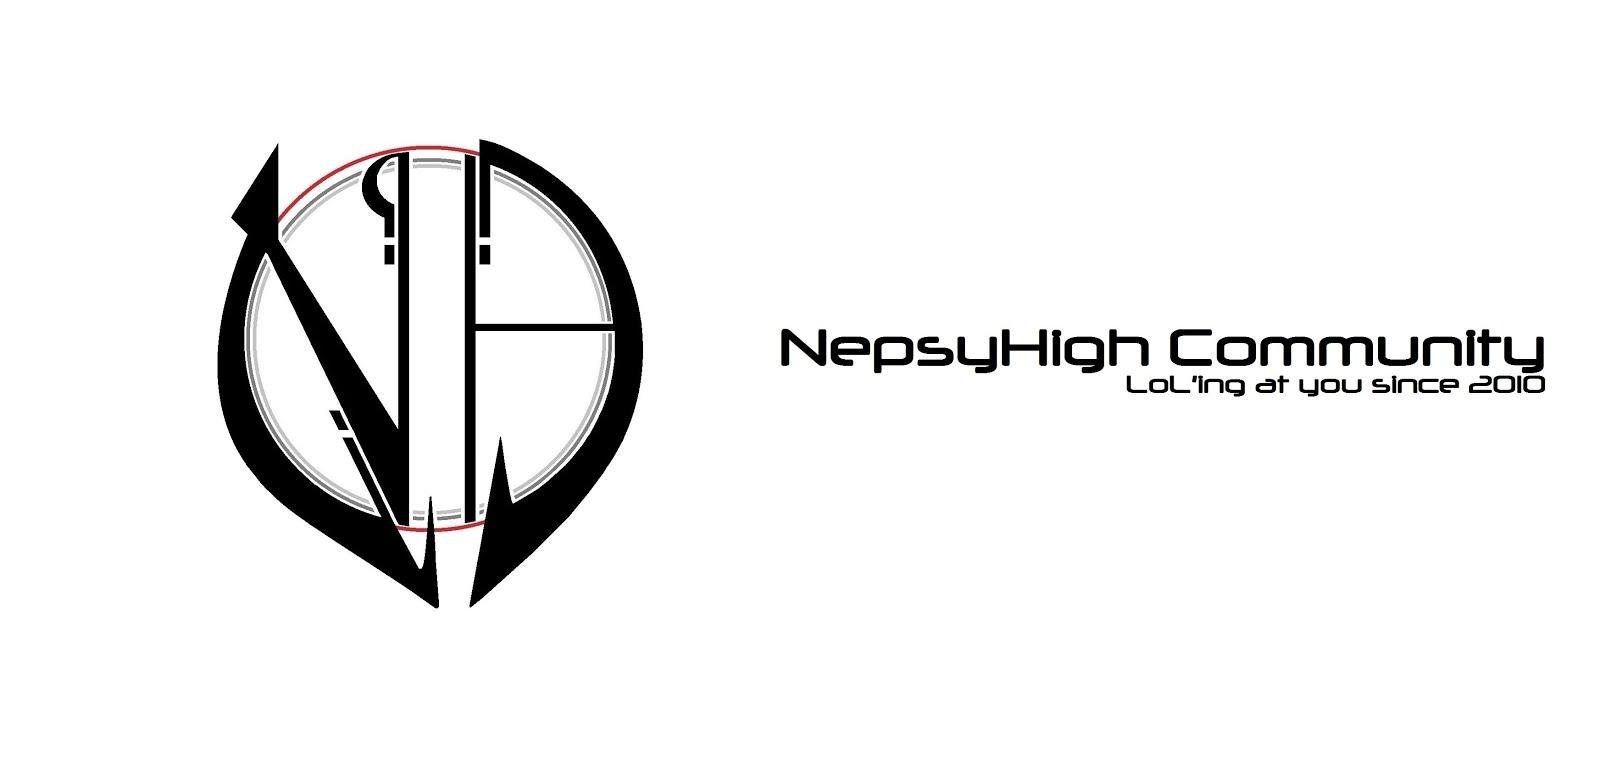 NepsyHigh